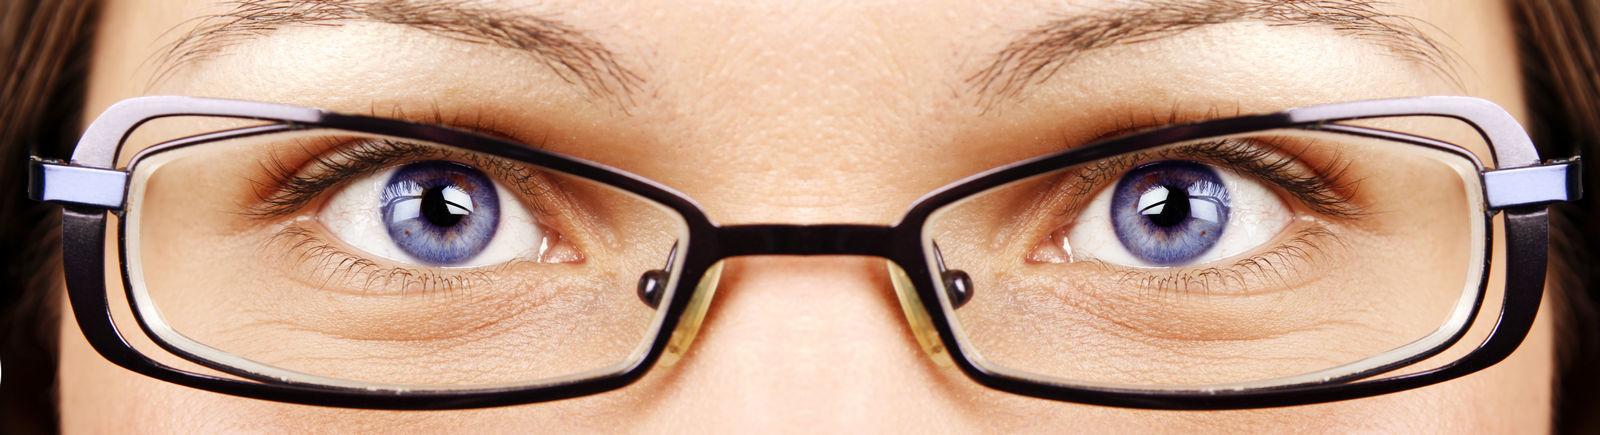 голубые глаза девушки в очках